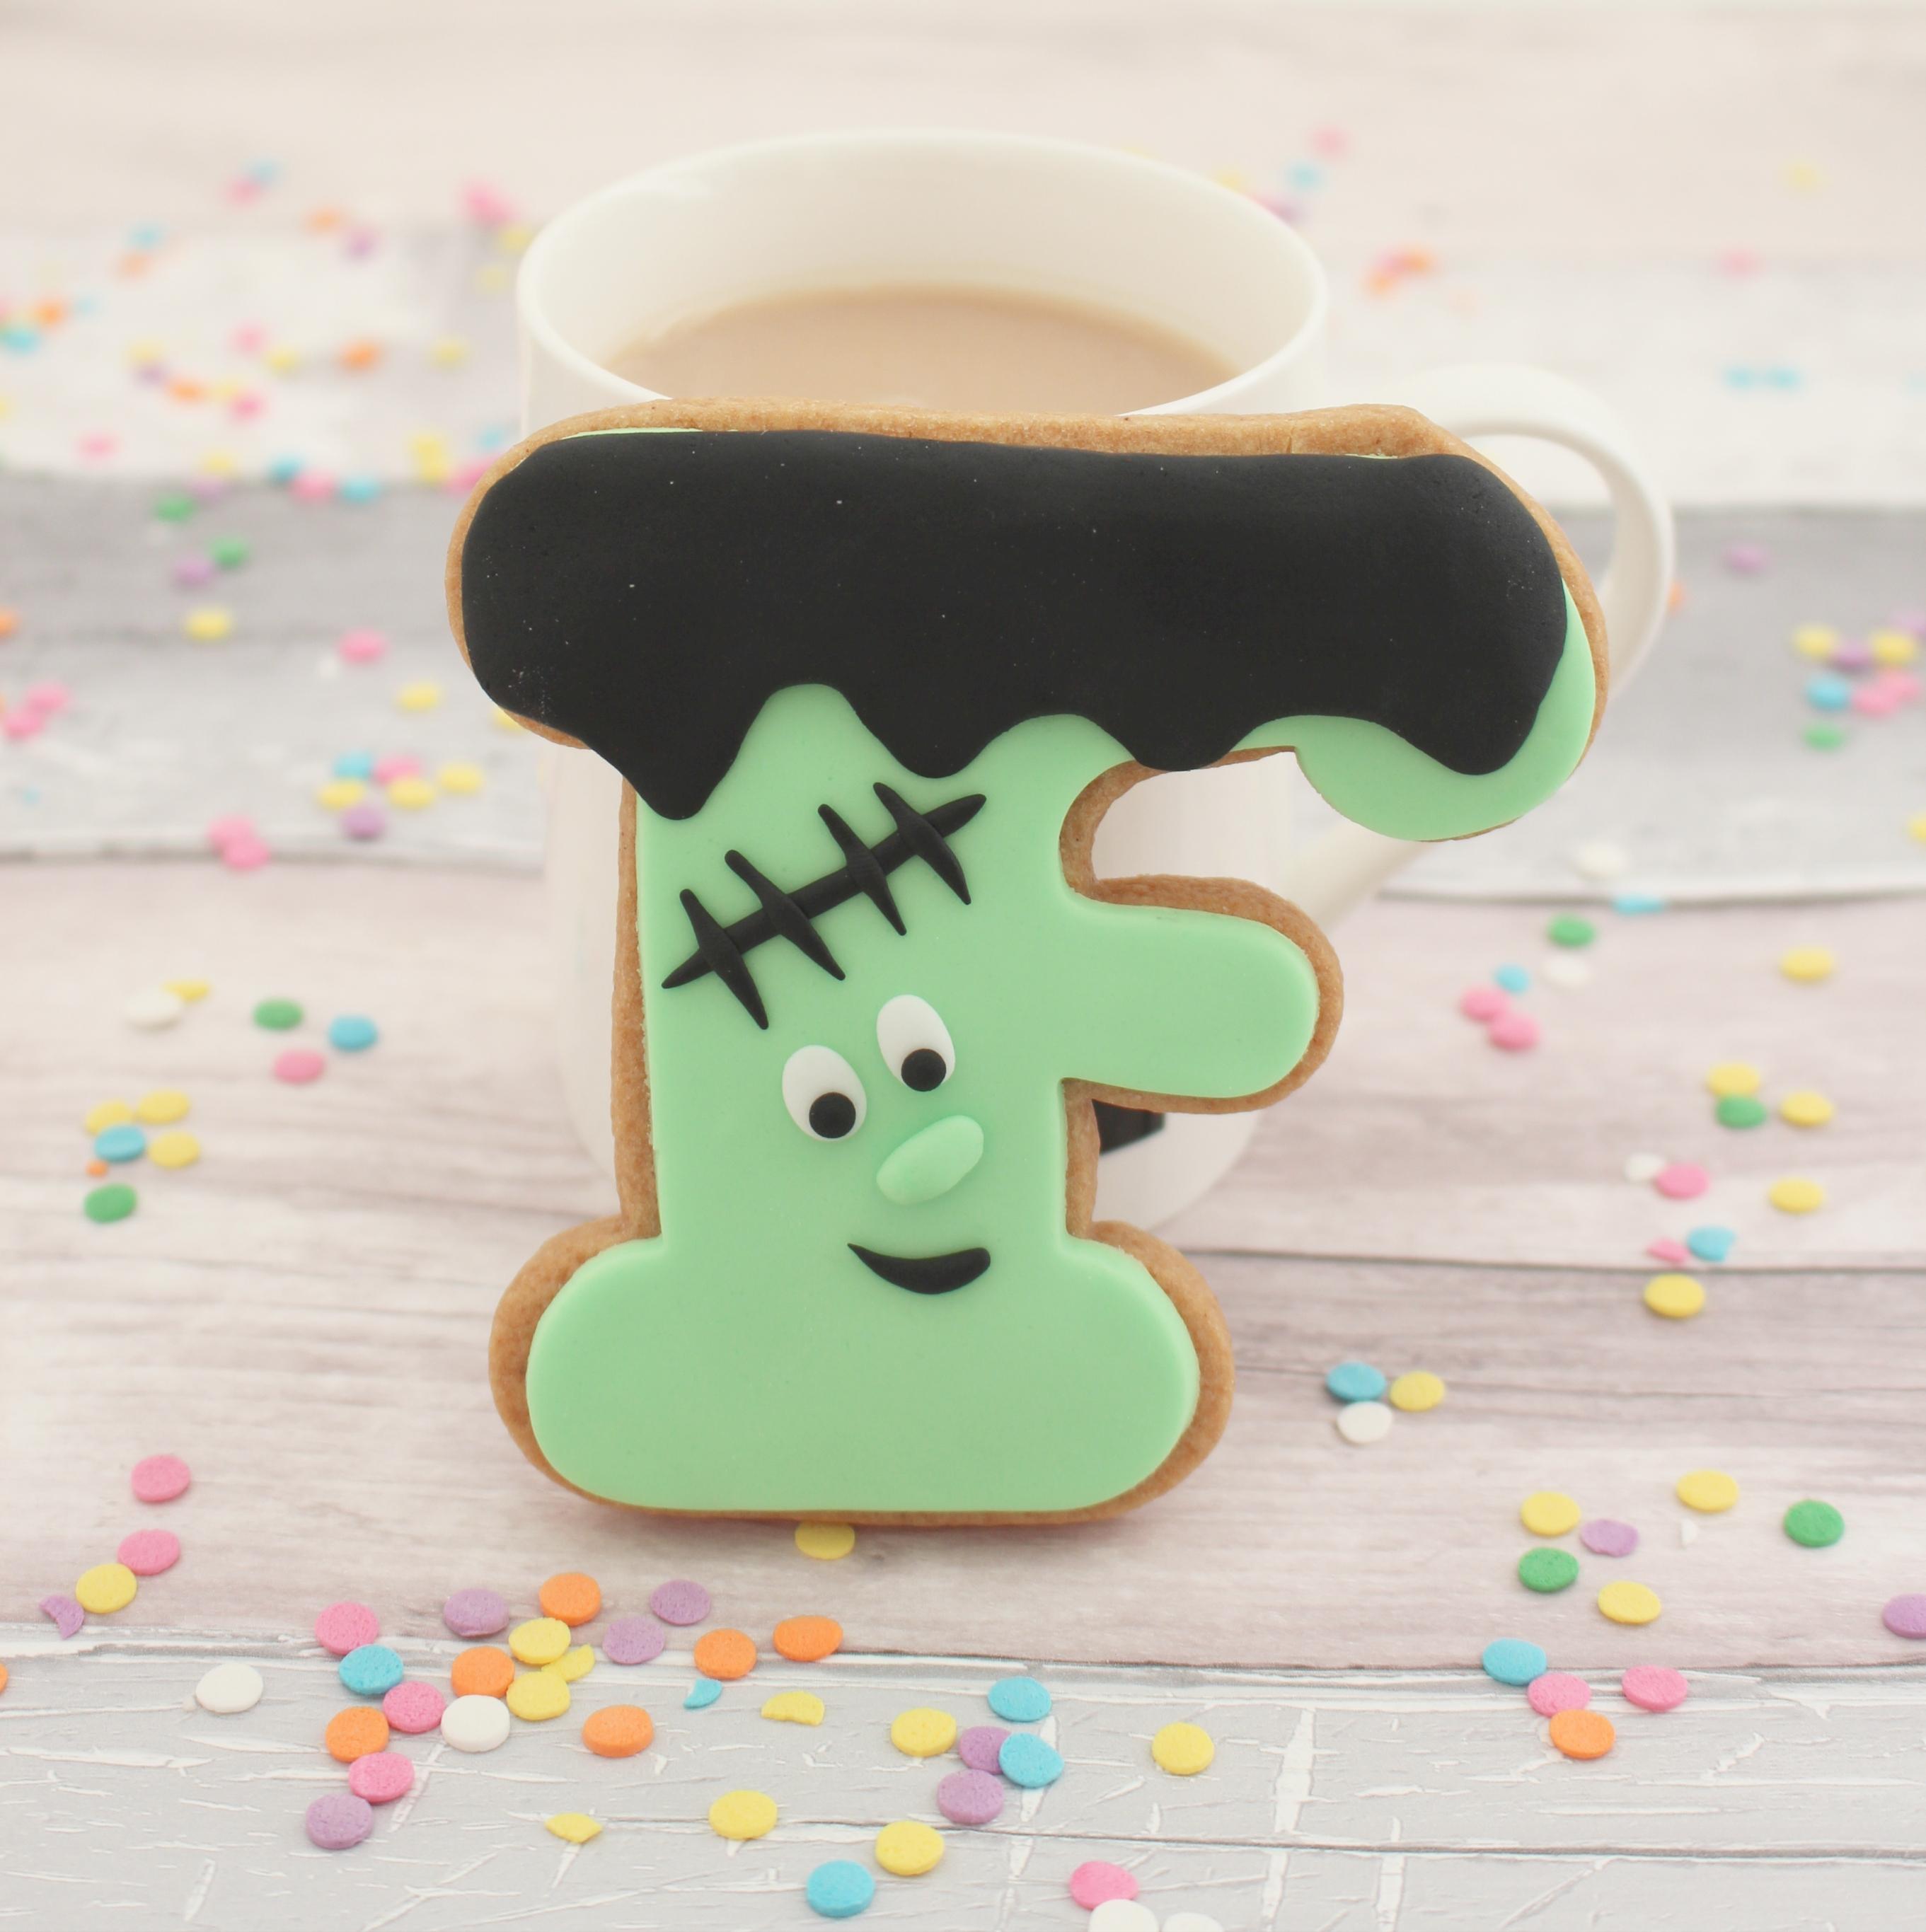 Frankenstein themed cookie